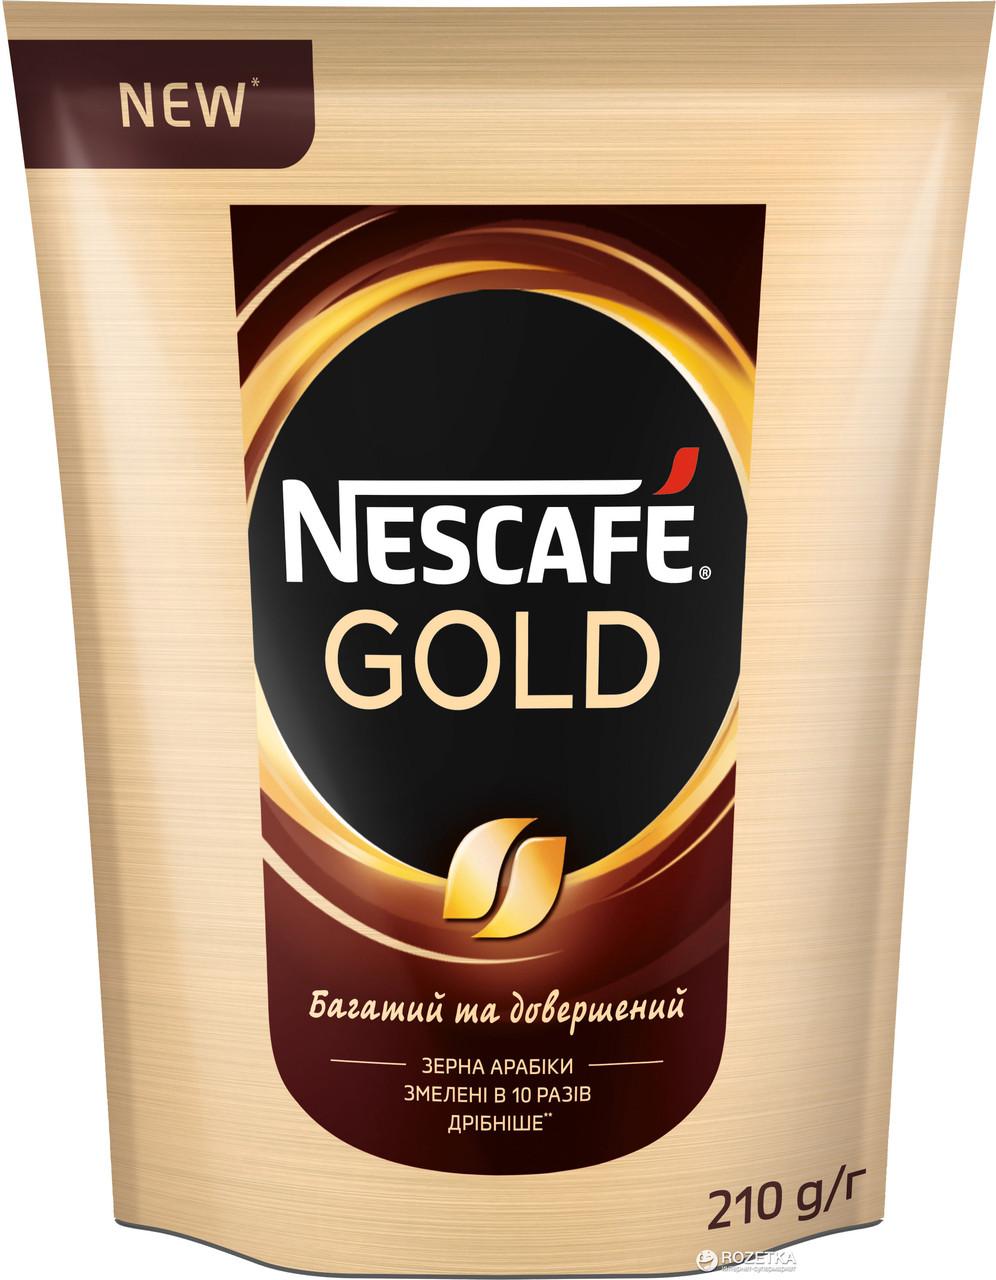 Кофе Nescafe Gold растворимый с добавлением молотого 210 грамм в мягкой упаковке